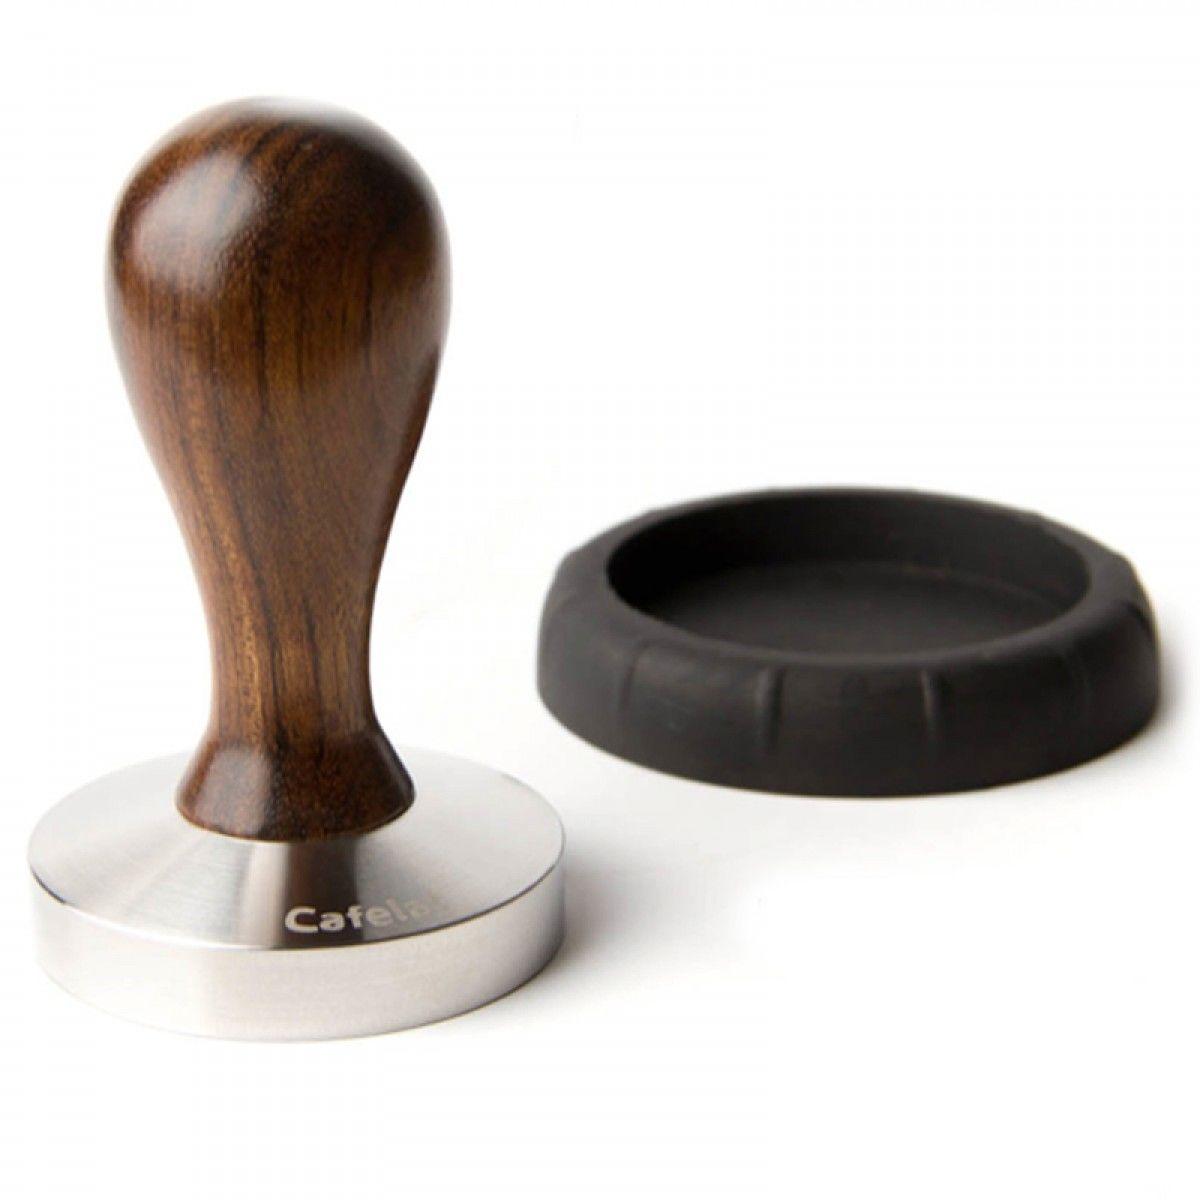 Cafelat Drop Tamper Violet Wood 58mm Convex ス